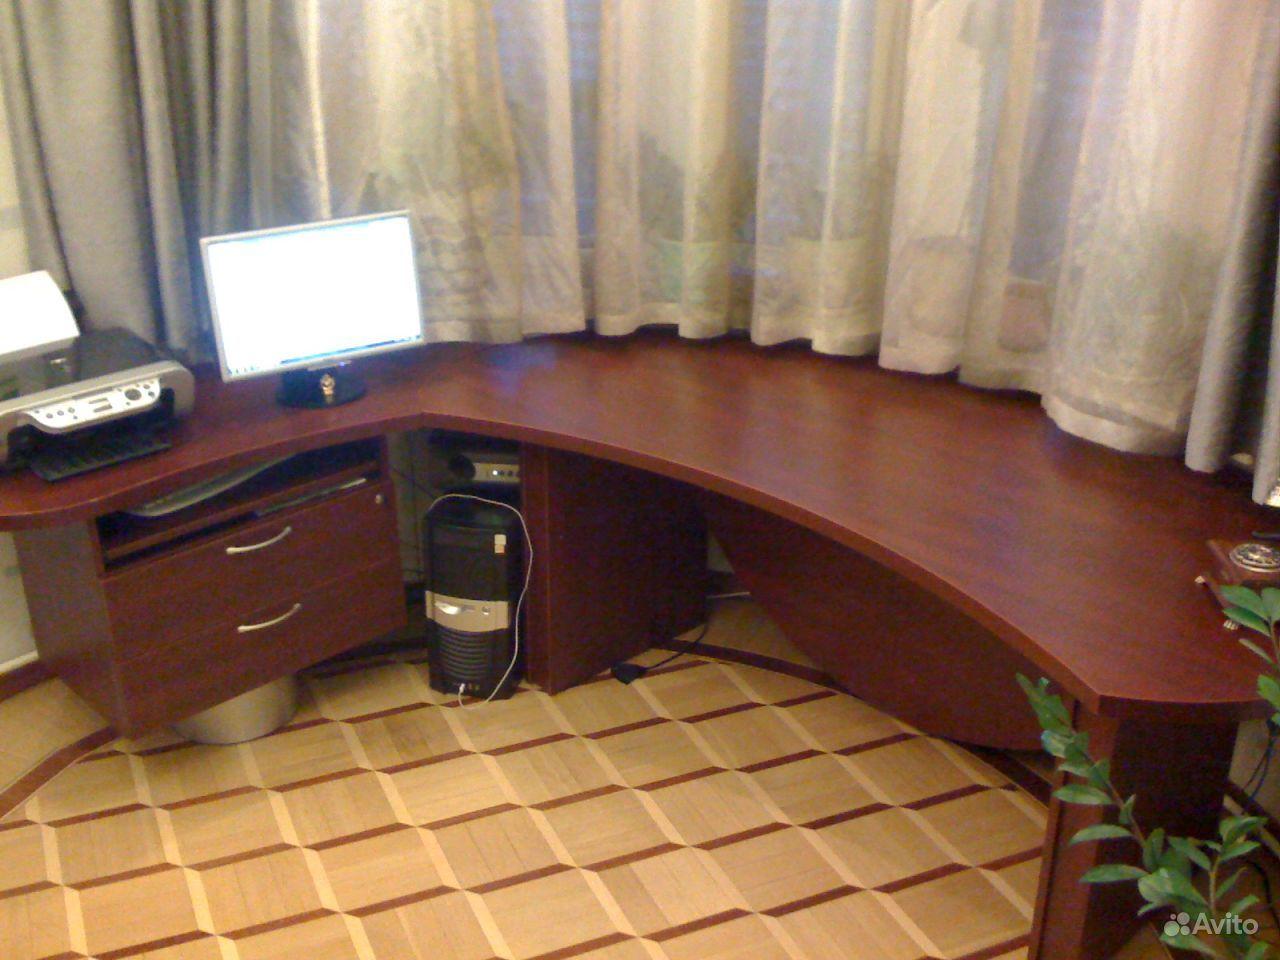 Редкий письменный стол в москве по цене 43 000 руб., андрей .